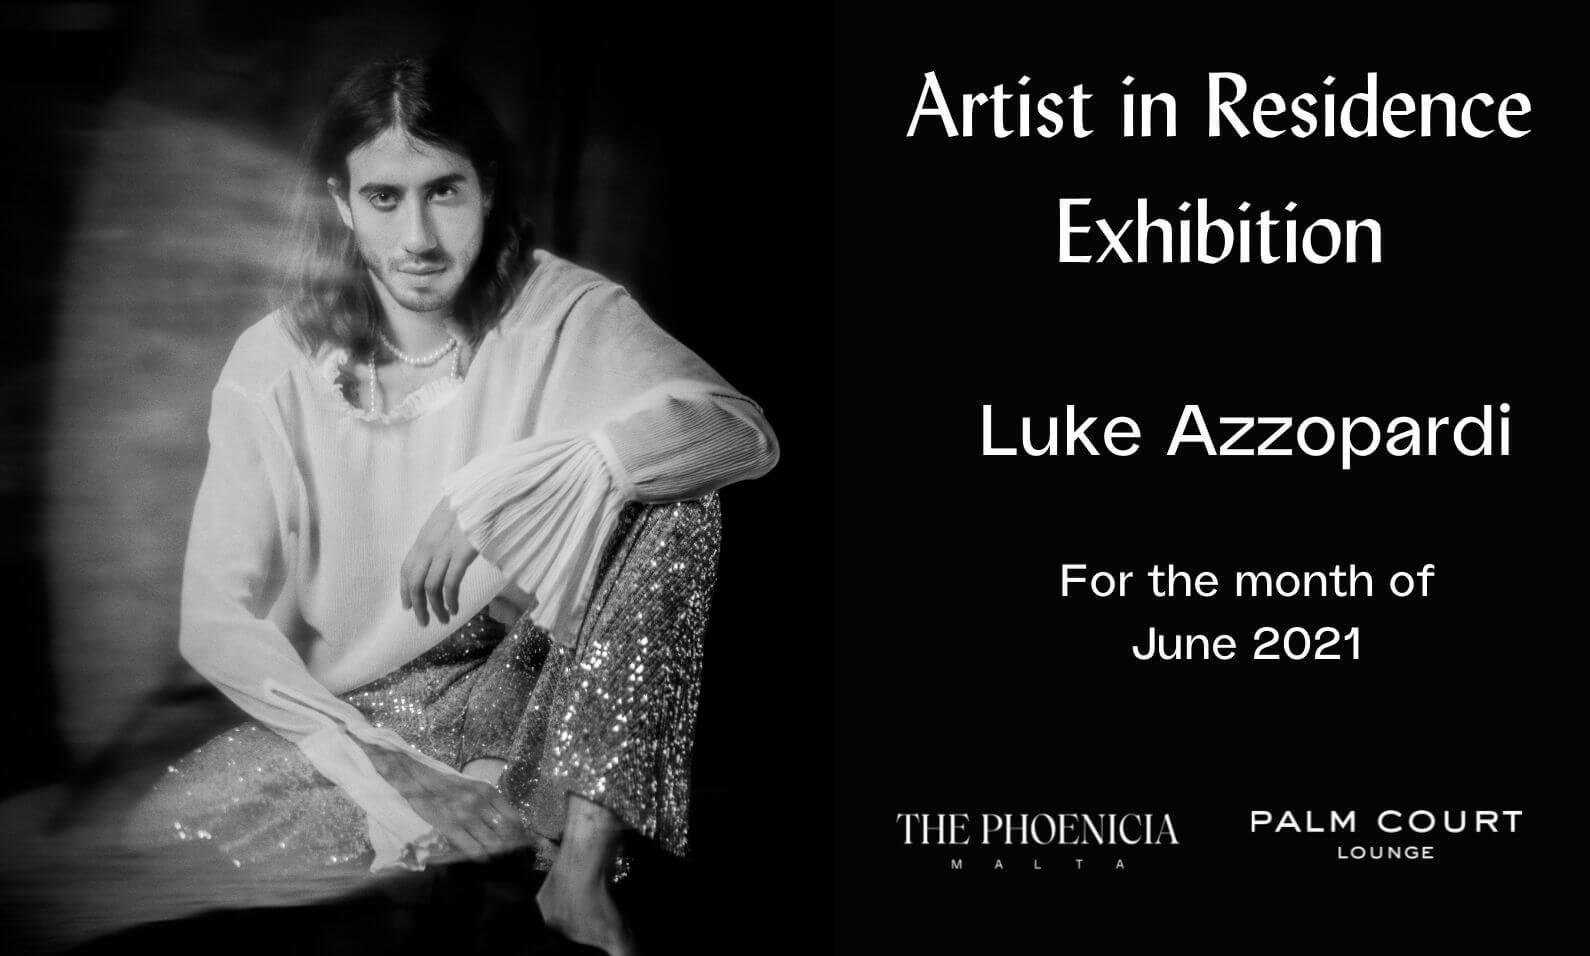 Artist in Residence - Luke Azzopardi - The Phoenicia Malta